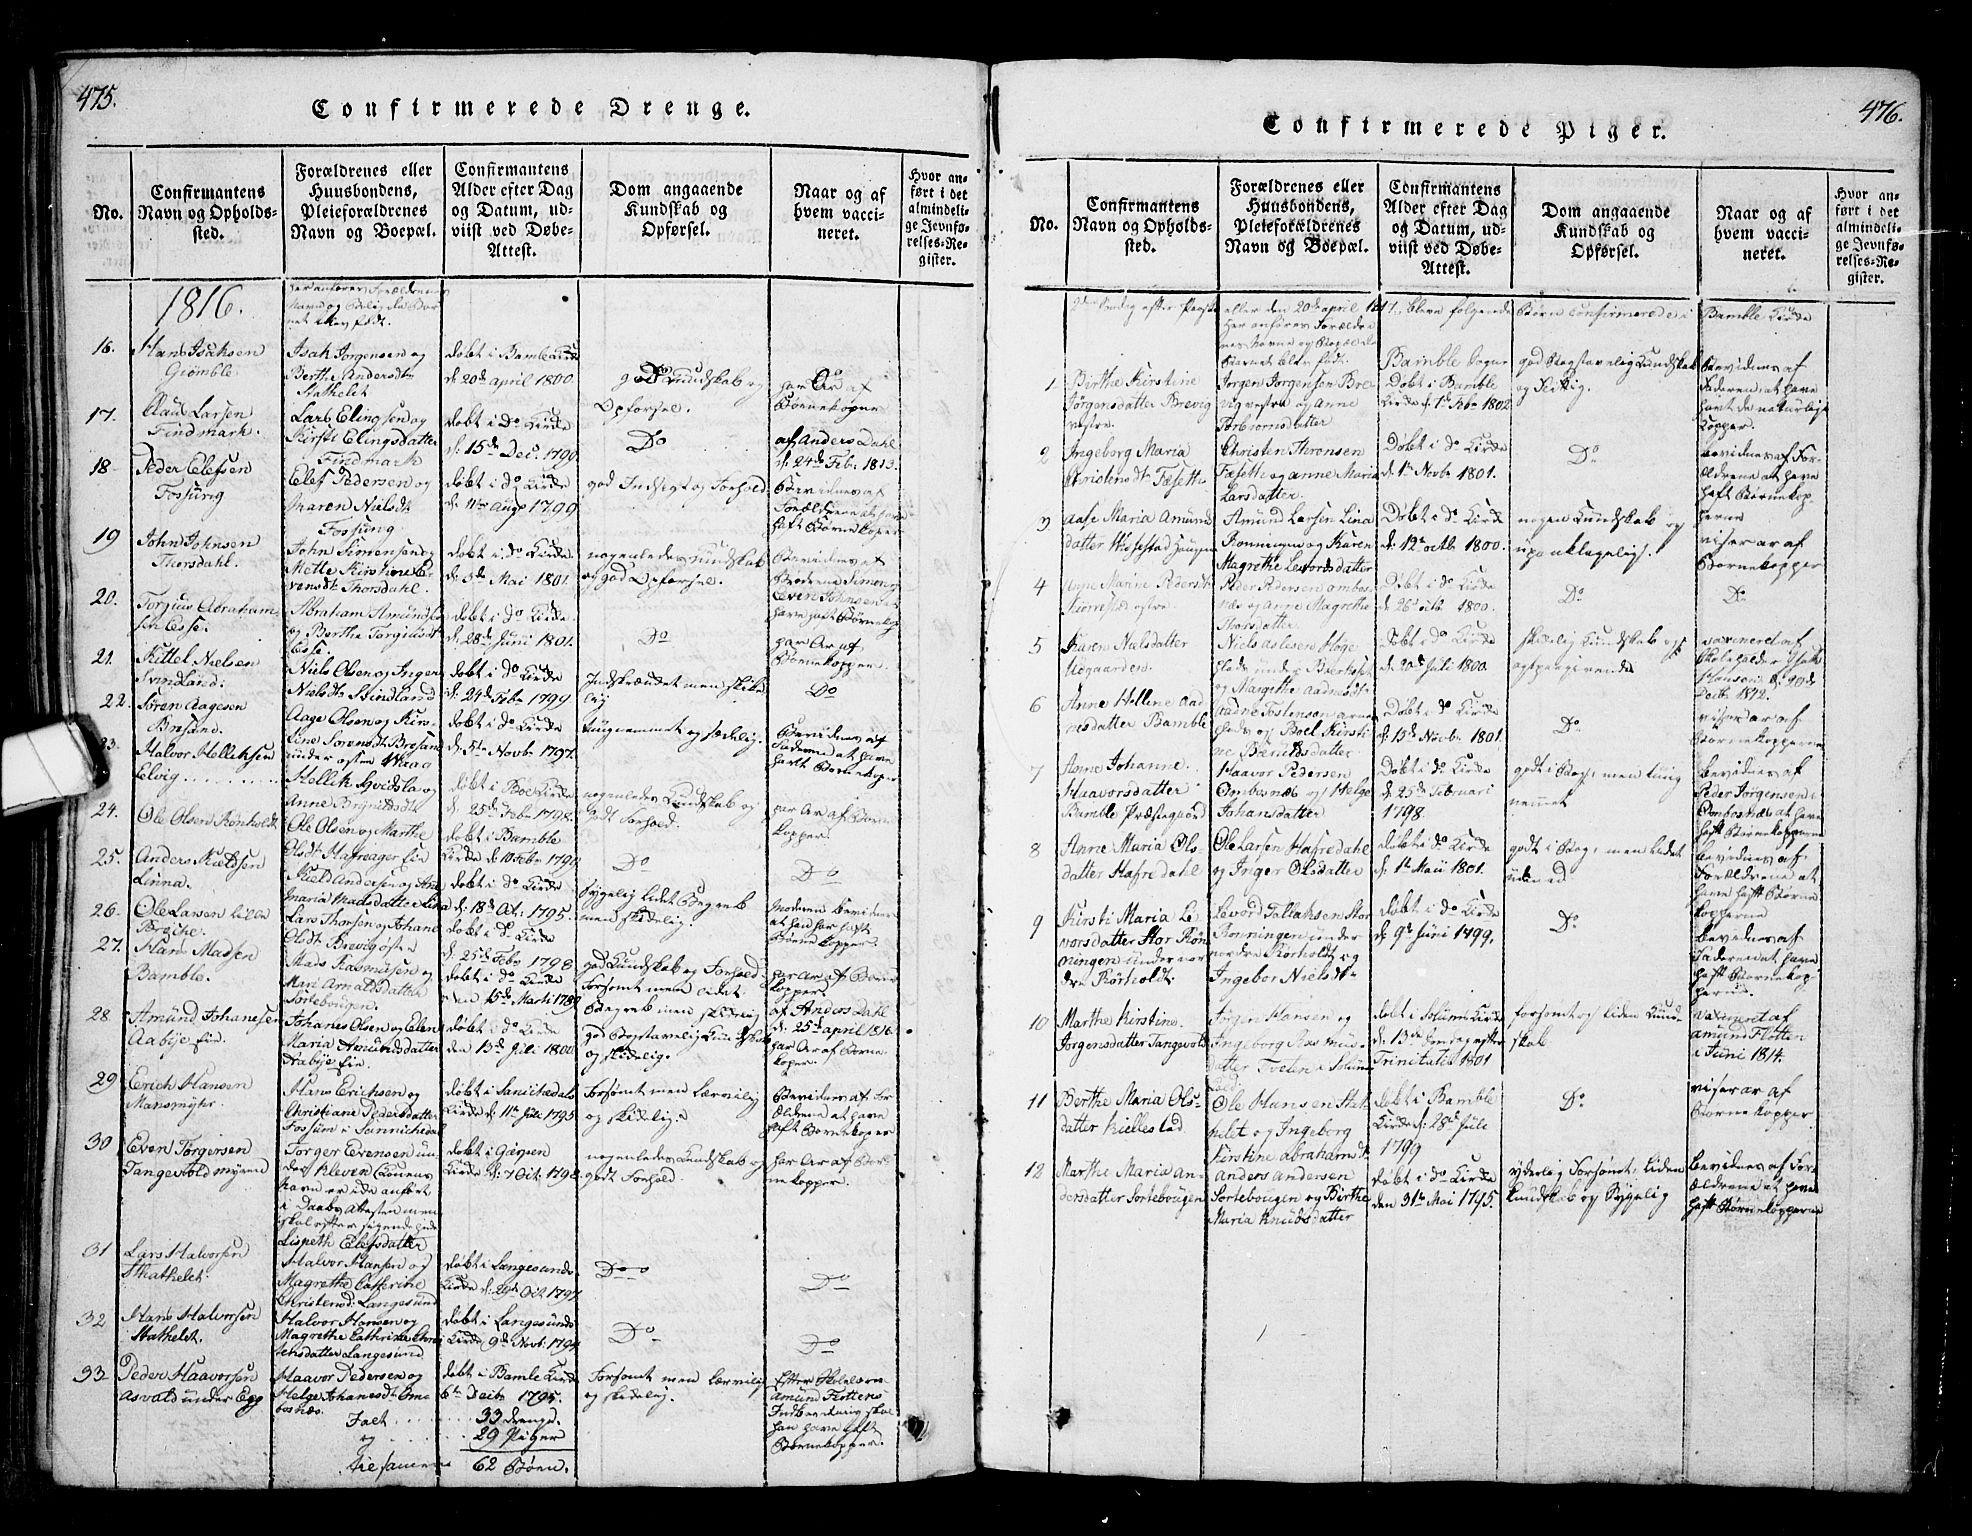 SAKO, Bamble kirkebøker, G/Ga/L0005: Klokkerbok nr. I 5, 1814-1855, s. 475-476